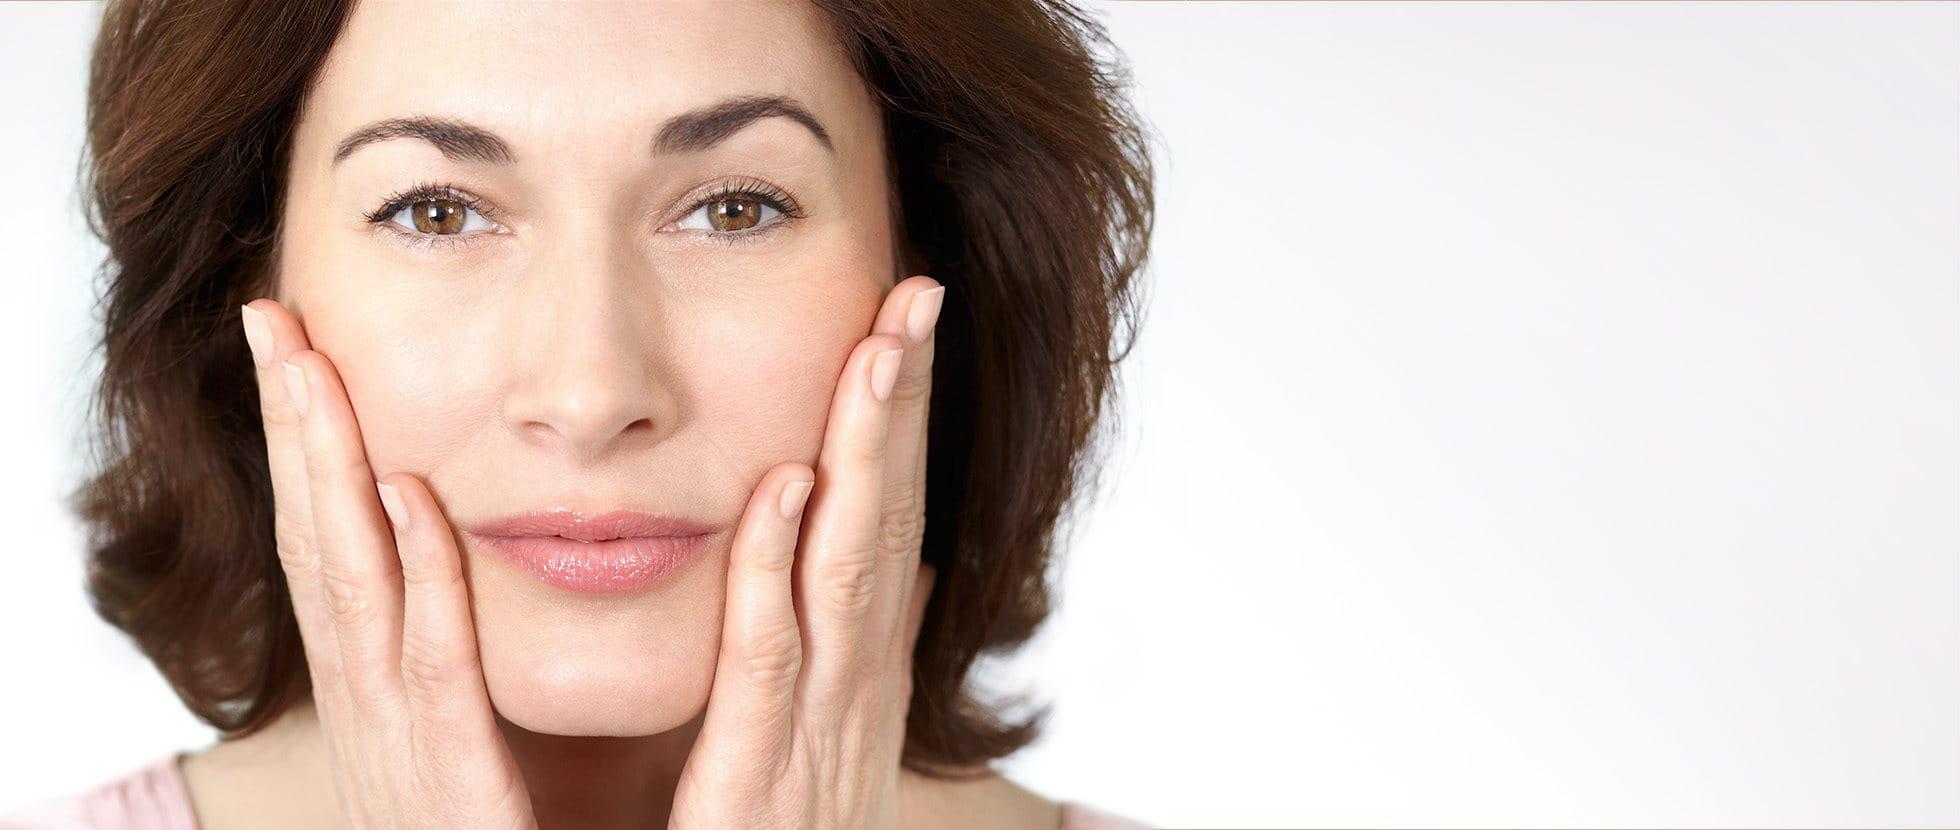 Schlaffe Haut und Volumenverlust im Alter